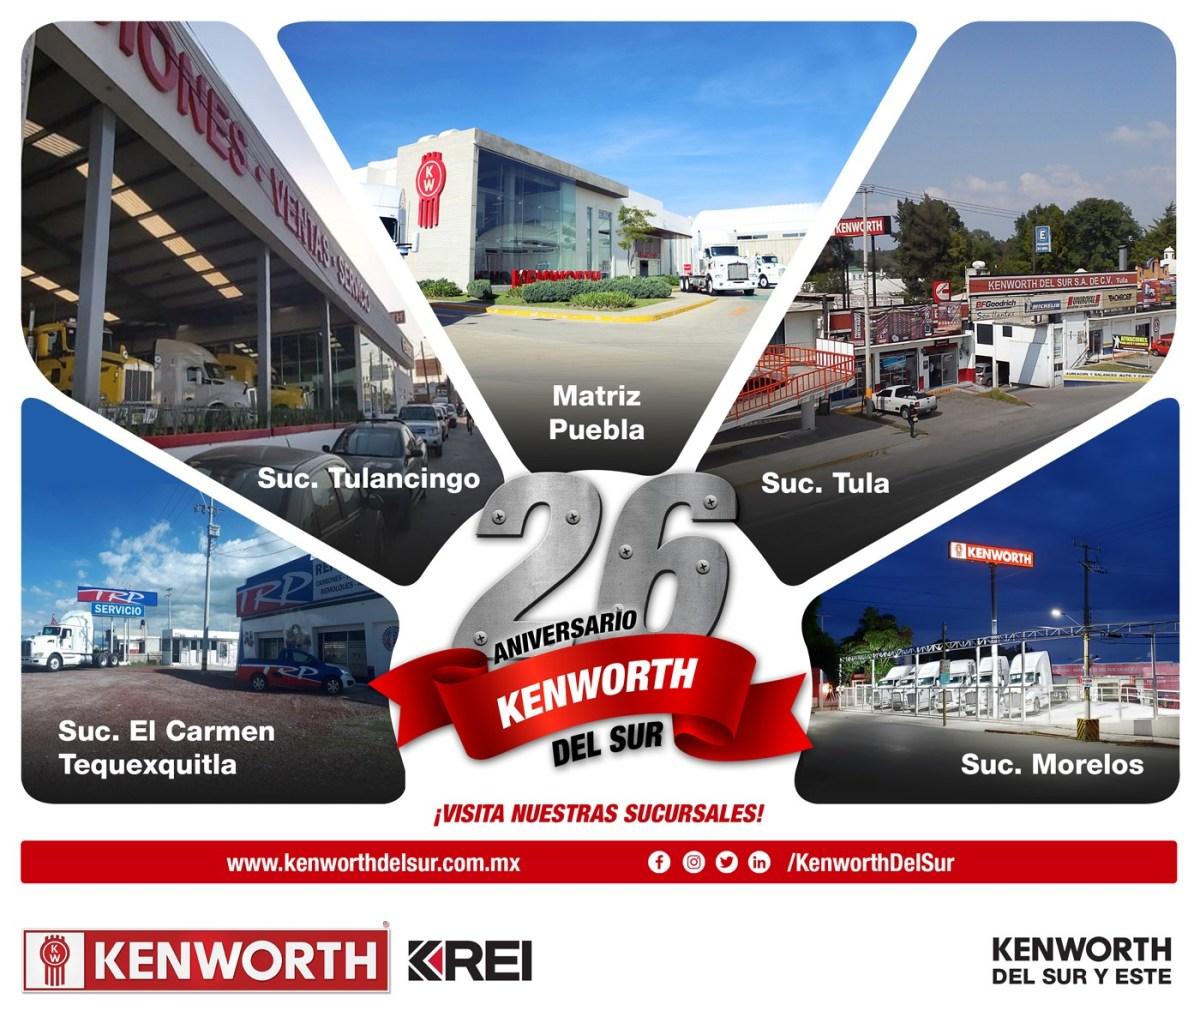 Kenworth del Sur, de manteles largos; celebra 26 años de operaciones